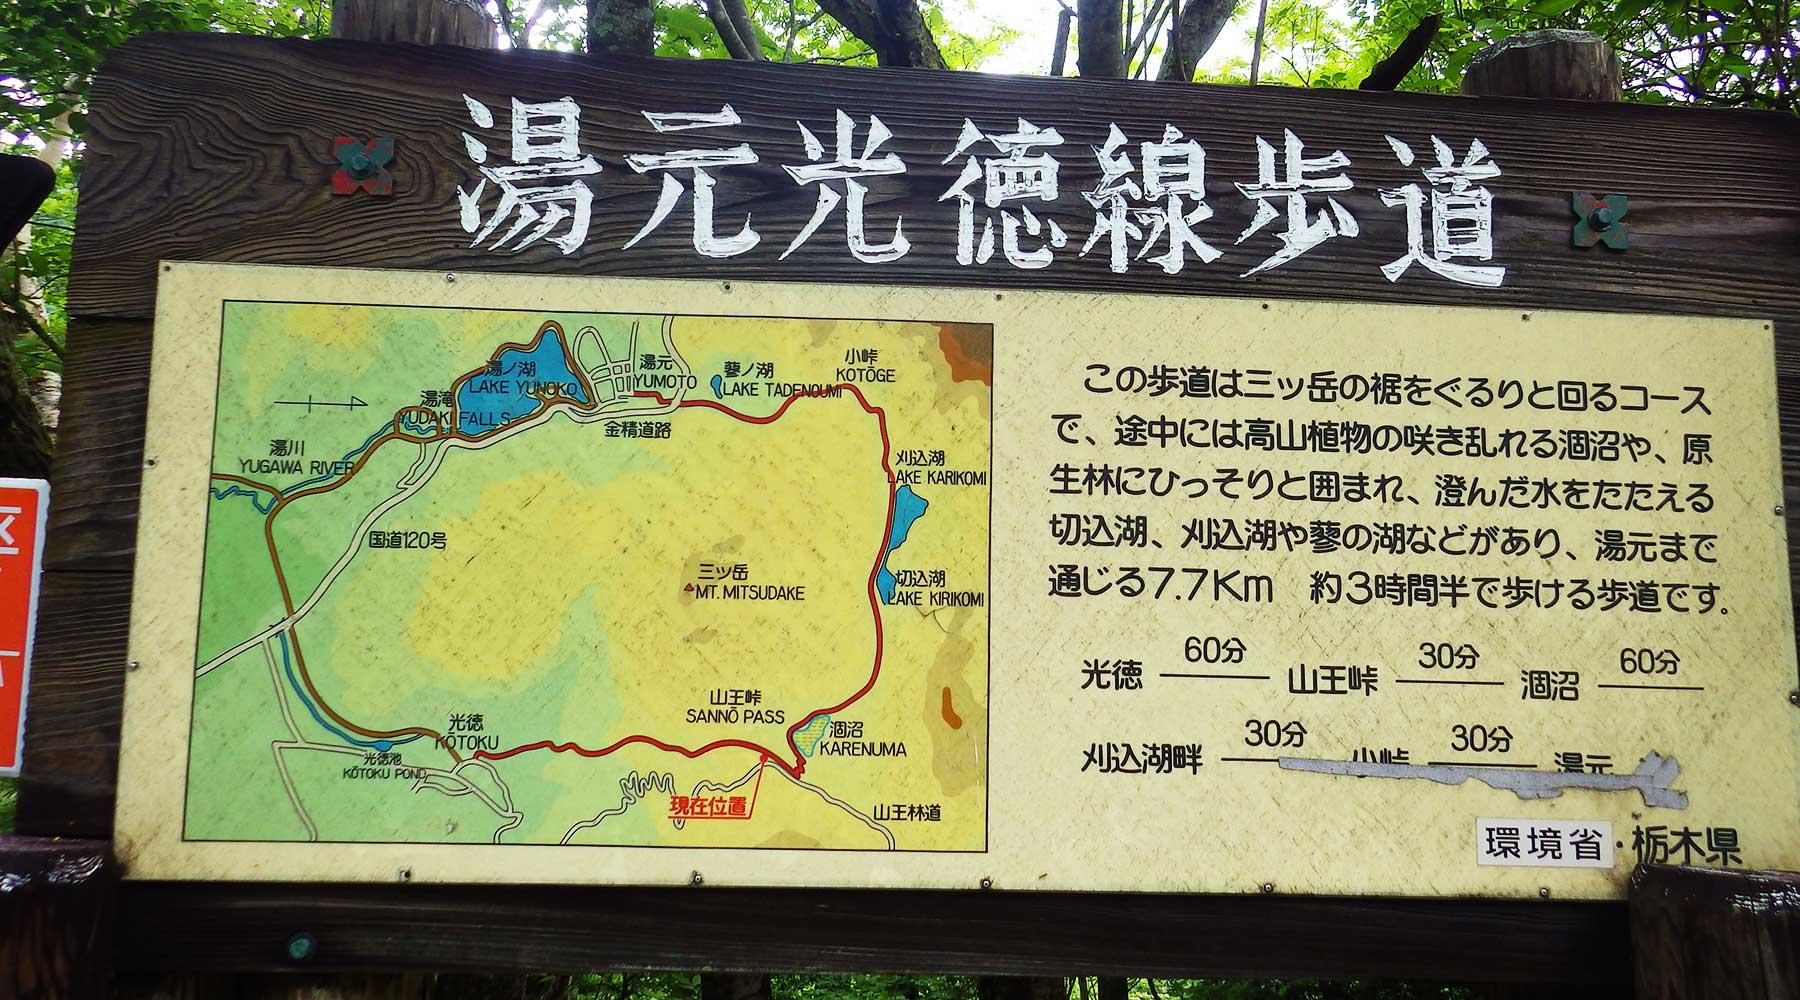 湯元光徳線歩道ハイキングコース